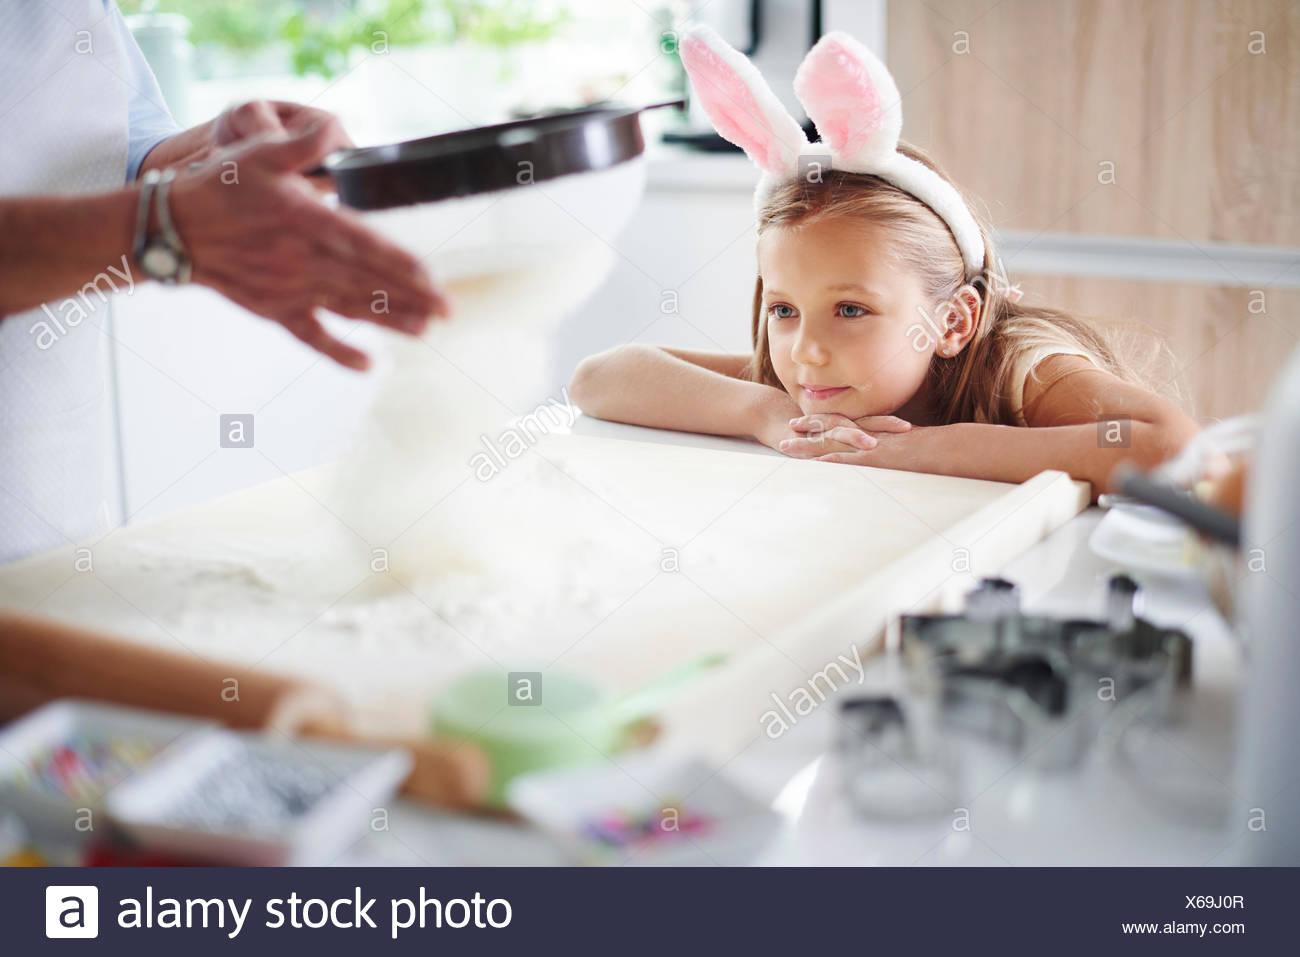 Ragazza Guarda la nonna setacciare la farina per la cottura di pasqua Immagini Stock